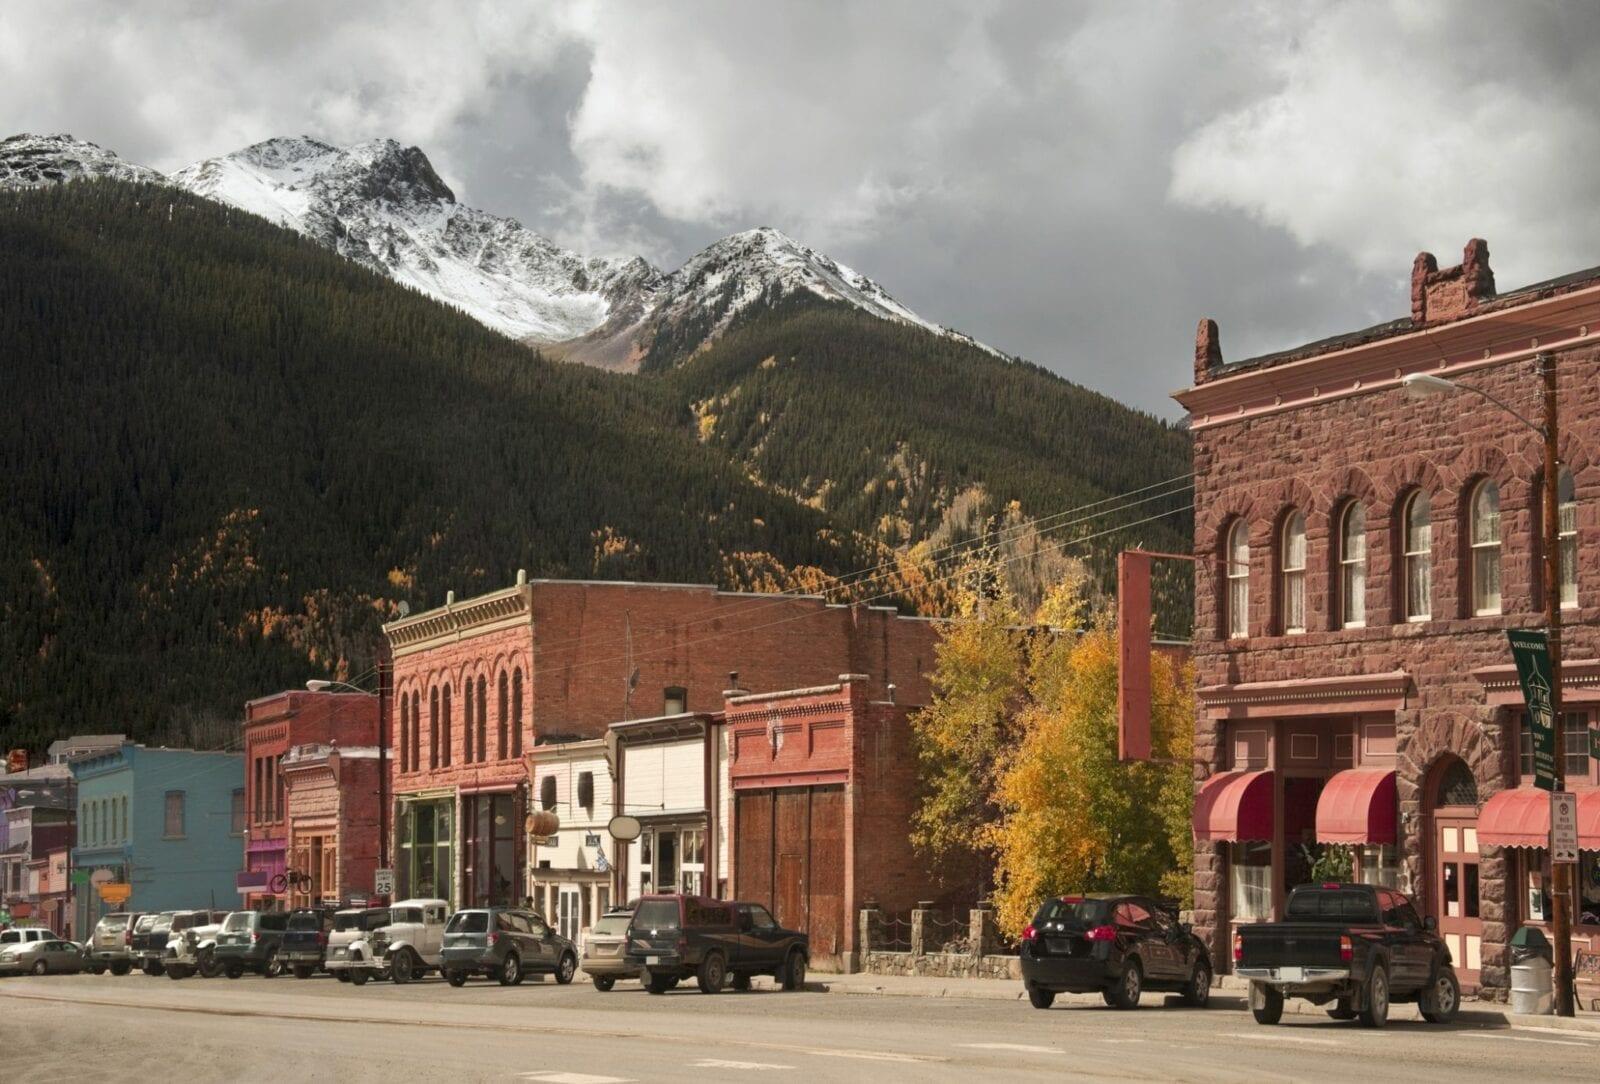 image of Silverton Colorado